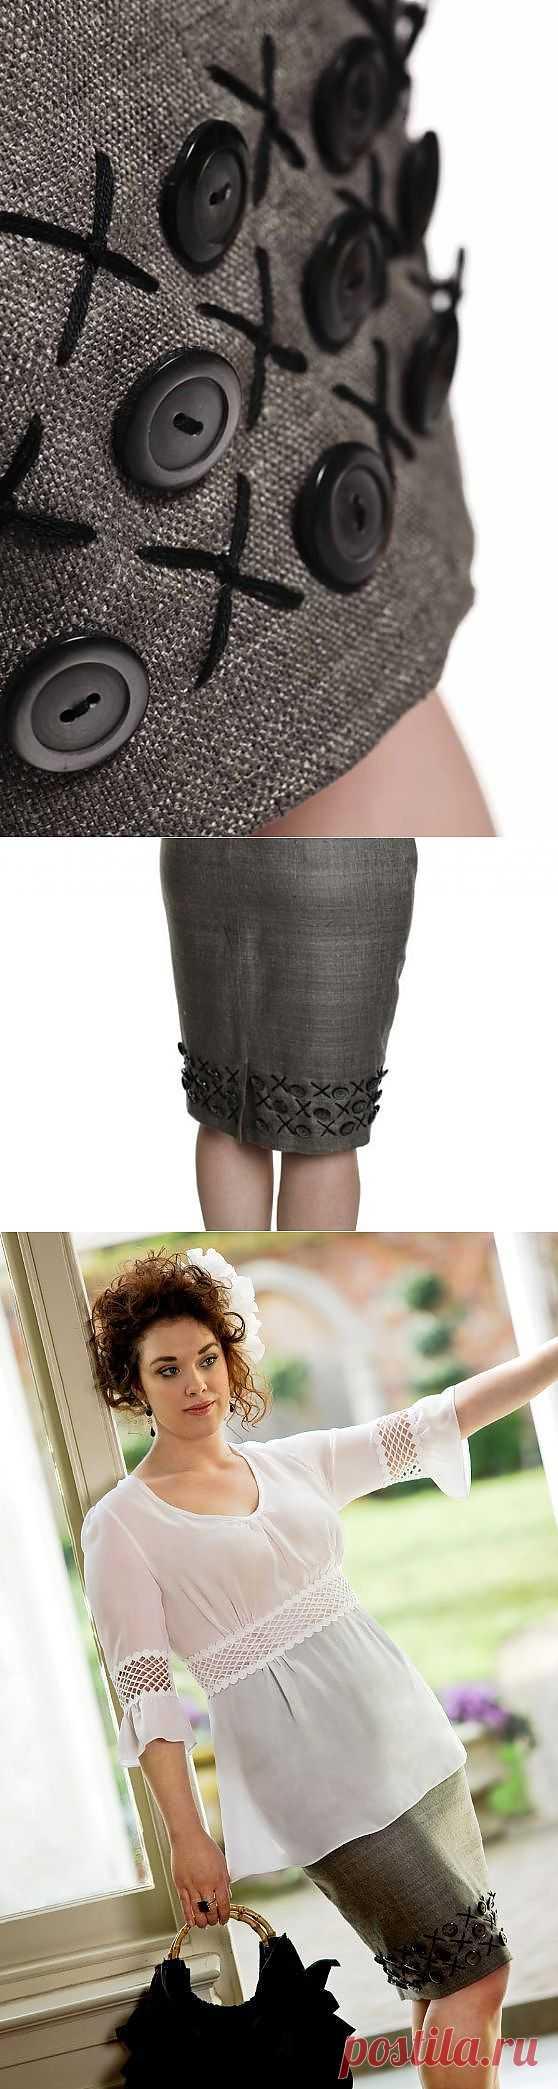 Крестики - пуговки / Декор / Модный сайт о стильной переделке одежды и интерьера